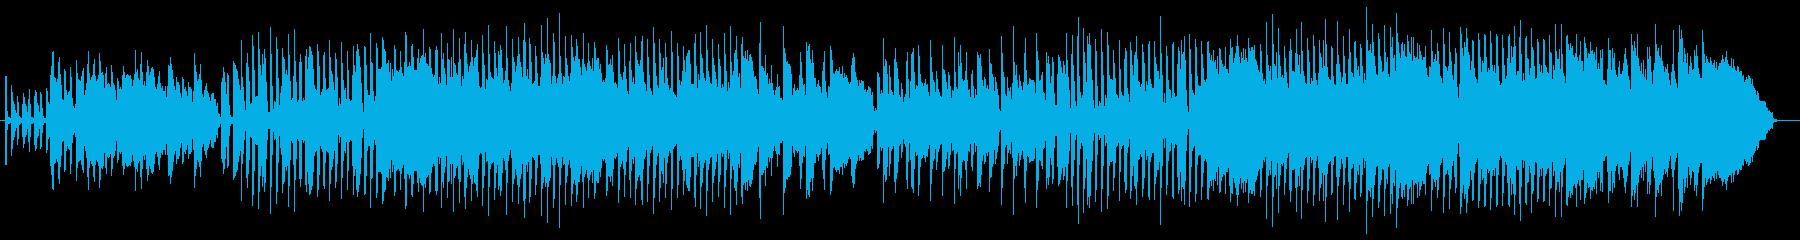 哀愁漂うブルース風ミュージックの再生済みの波形